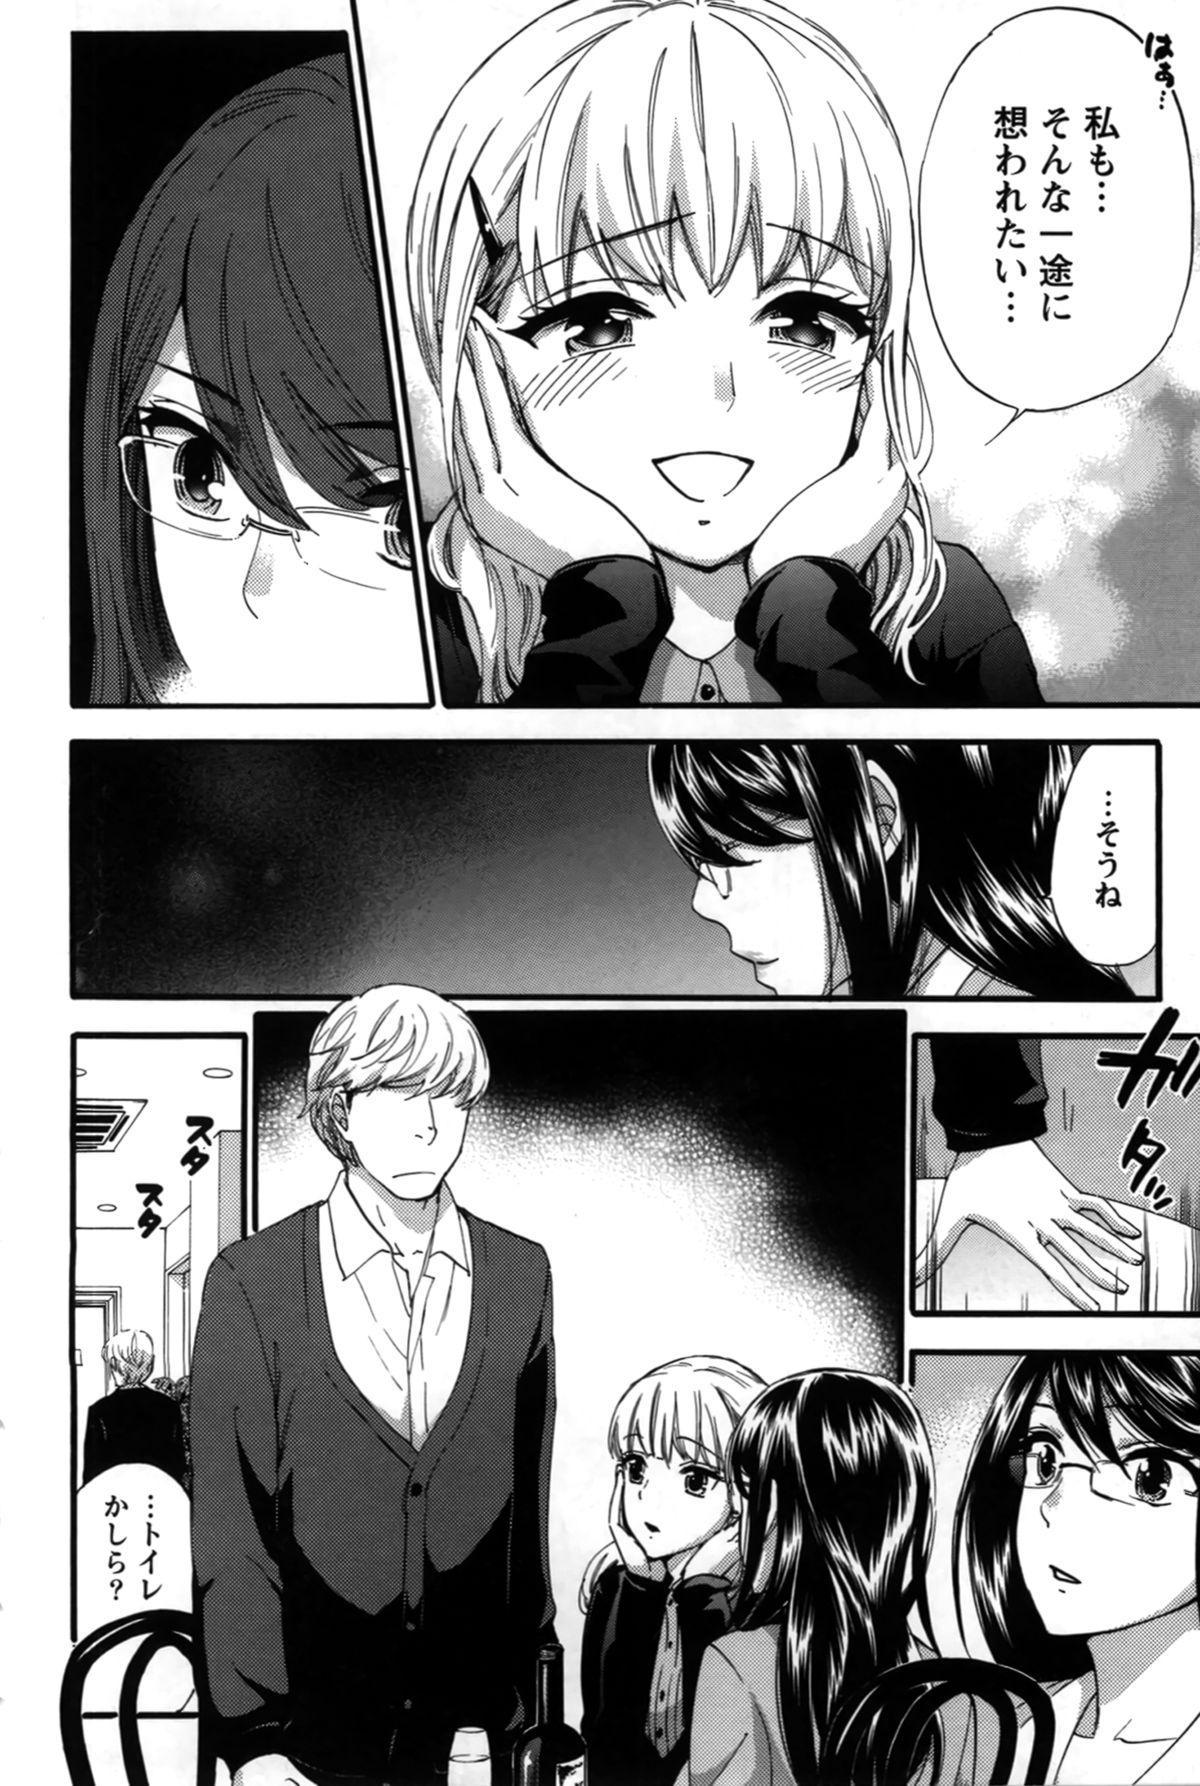 Anata to Watashi wa Warukunai 162